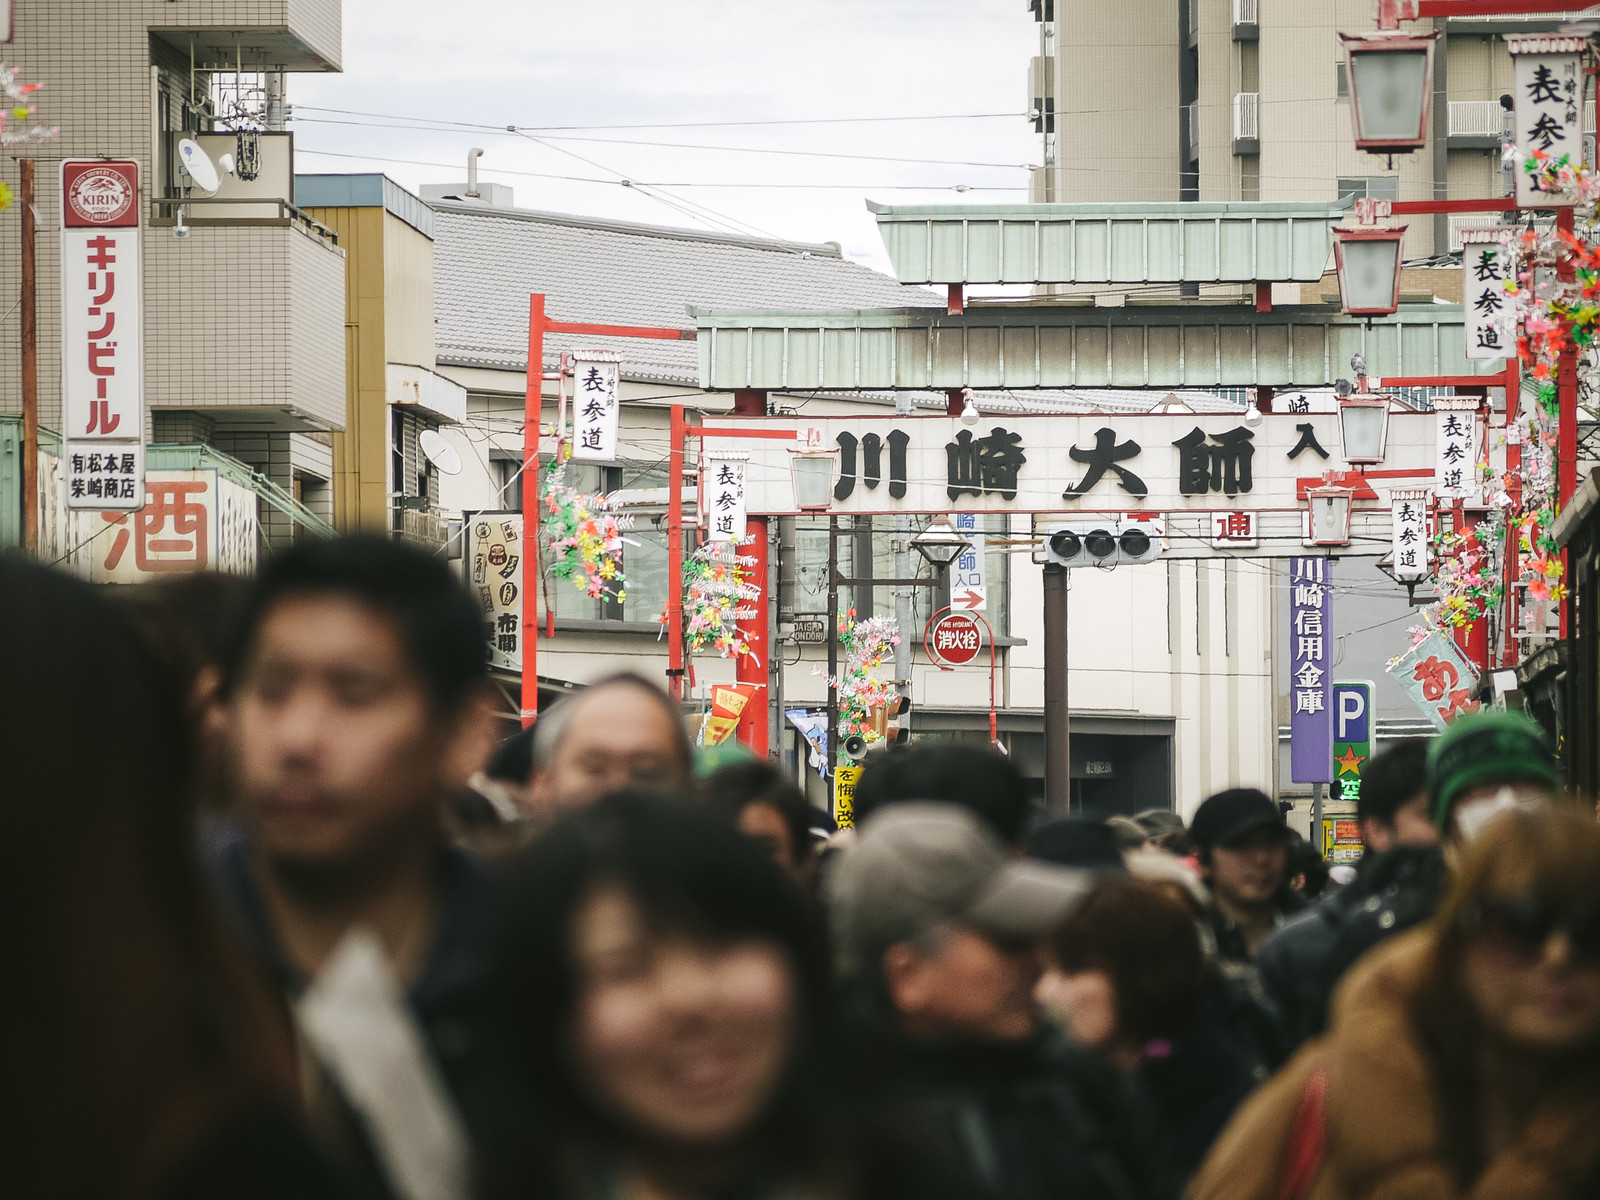 川崎大師の初詣2018!参拝時間・混雑状況・駐車場・屋台の出店期間